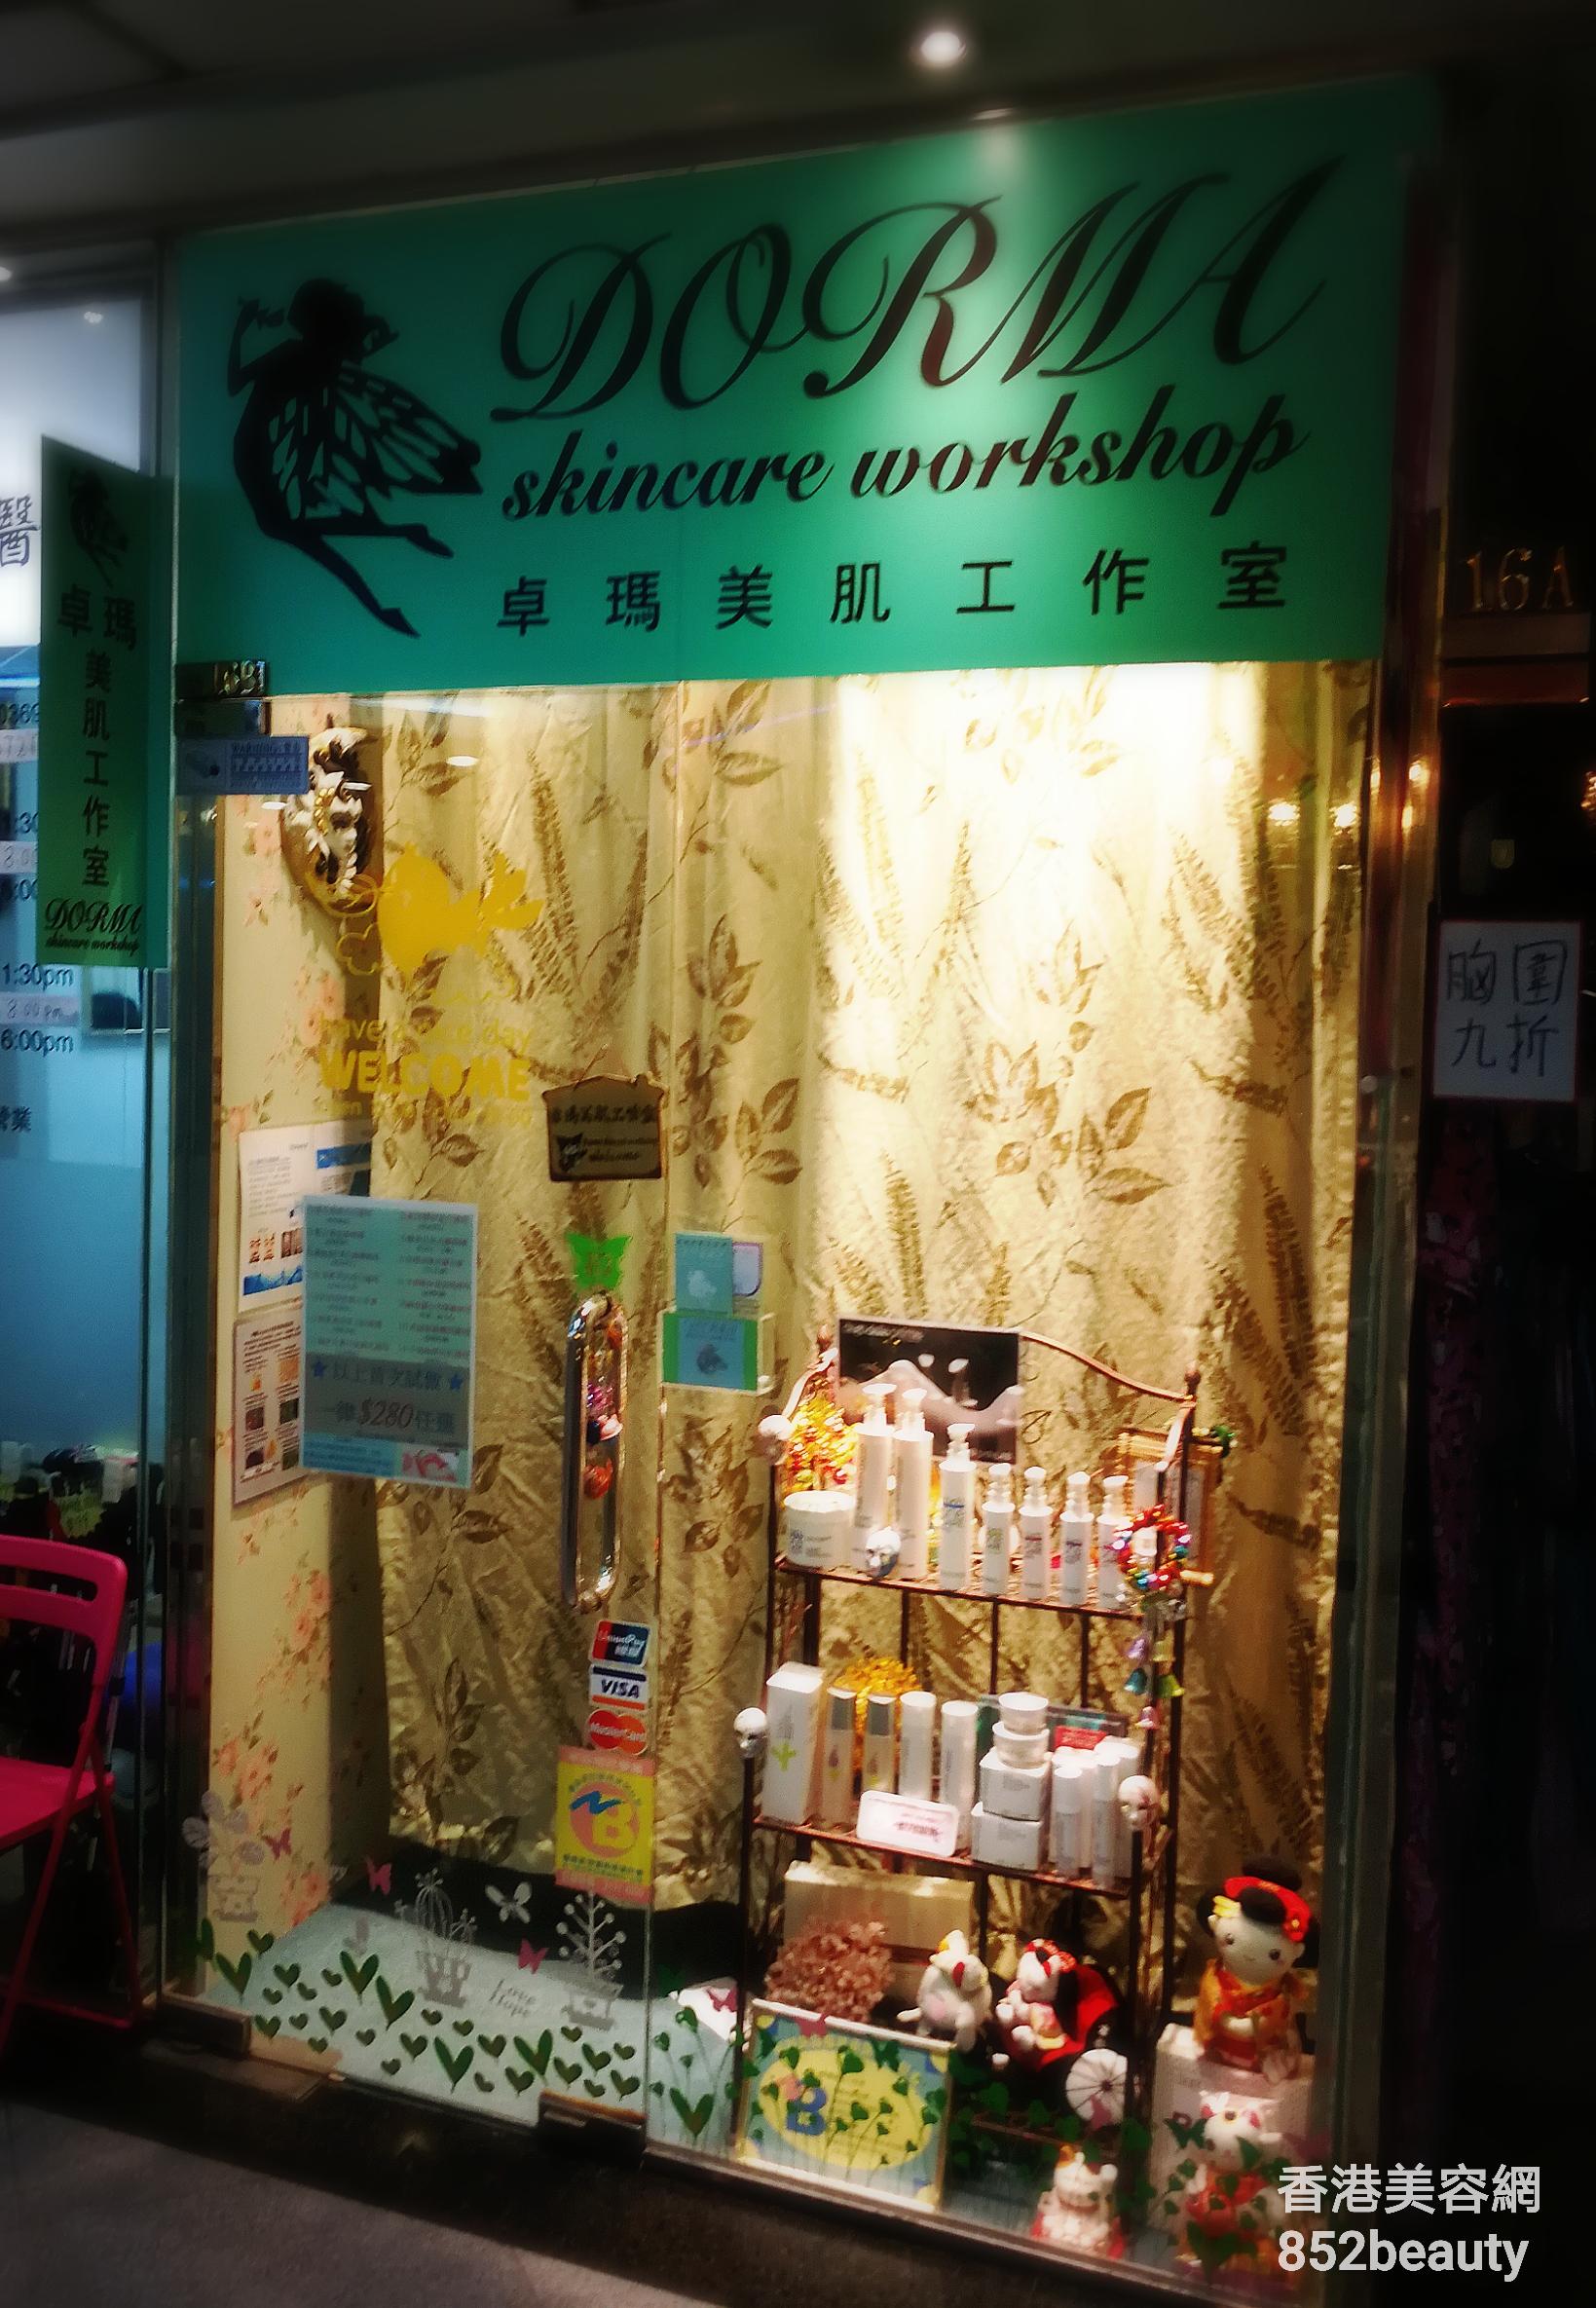 香港美容院 美容師 : 卓瑪美肌工作室 @青年創業軍